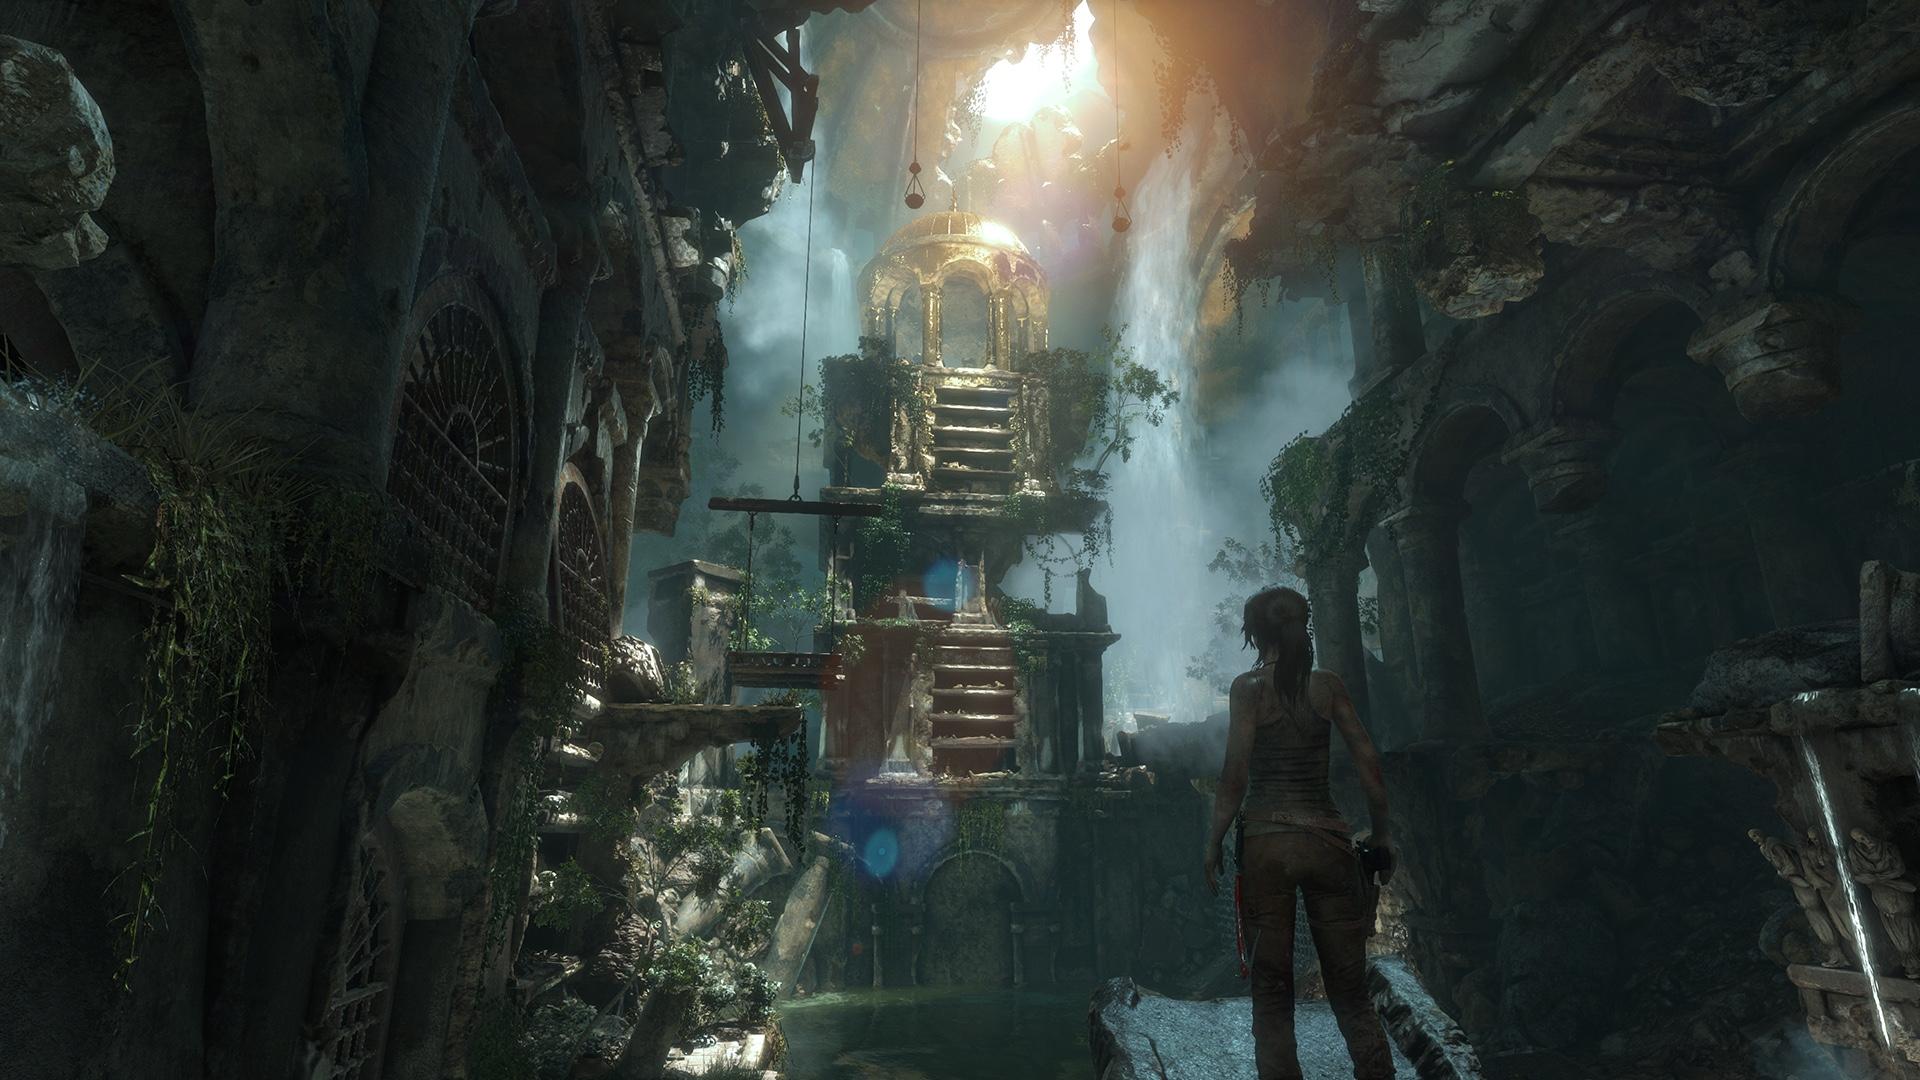 Rise of the Tomb Raider er et strålende spill det er verdt å sjekke ut - nå er det lansert til PC. AMD og Nvidia kappes om best ytelse.